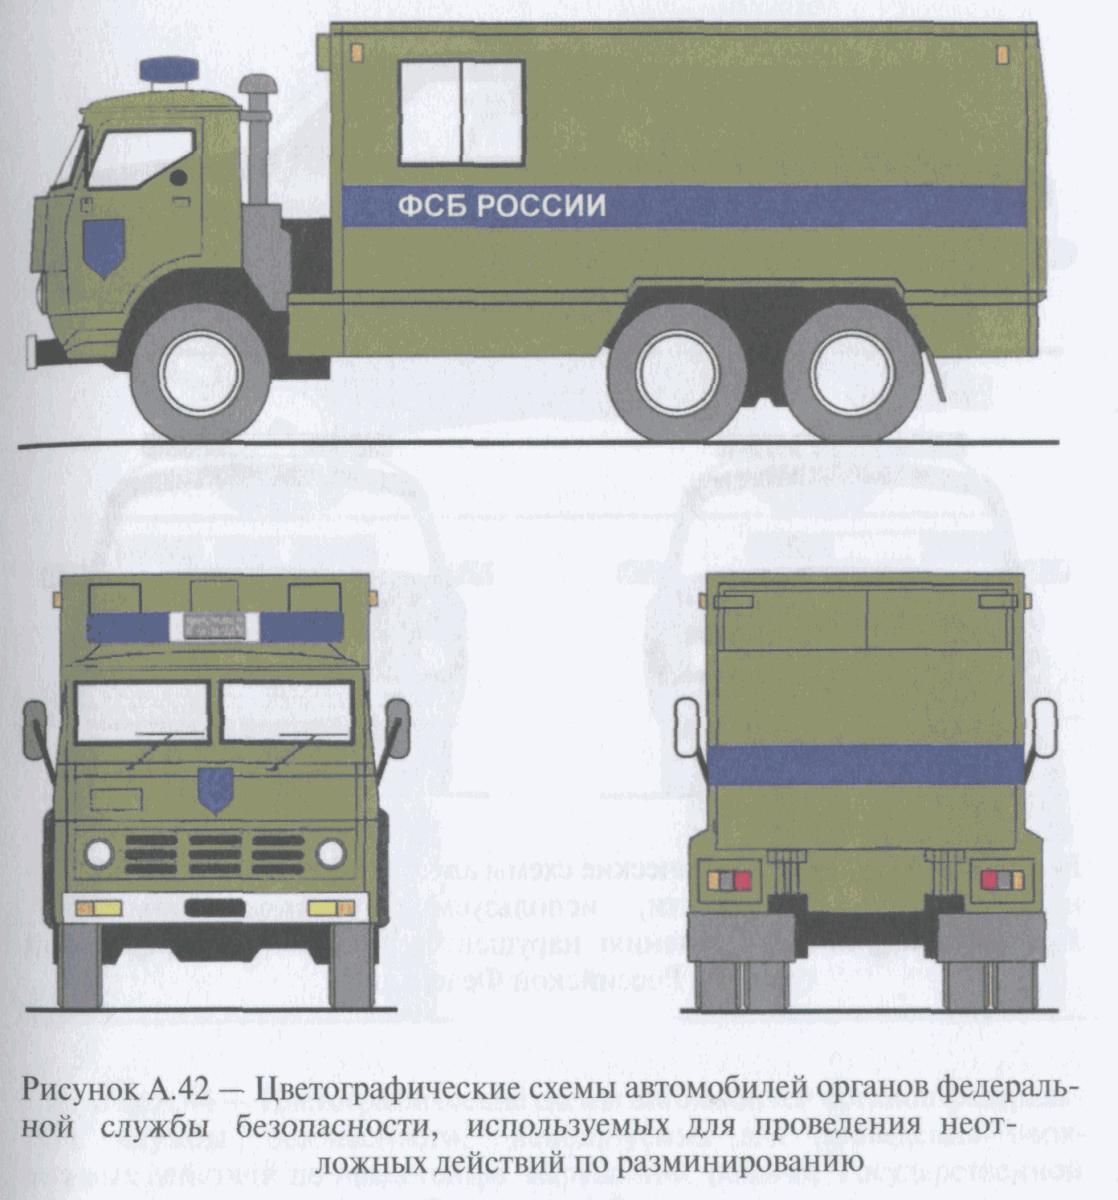 РИСУНОК A.42 (К ИЗМЕНЕНИЮ N 2 ГОСТ Р 50574-2002)